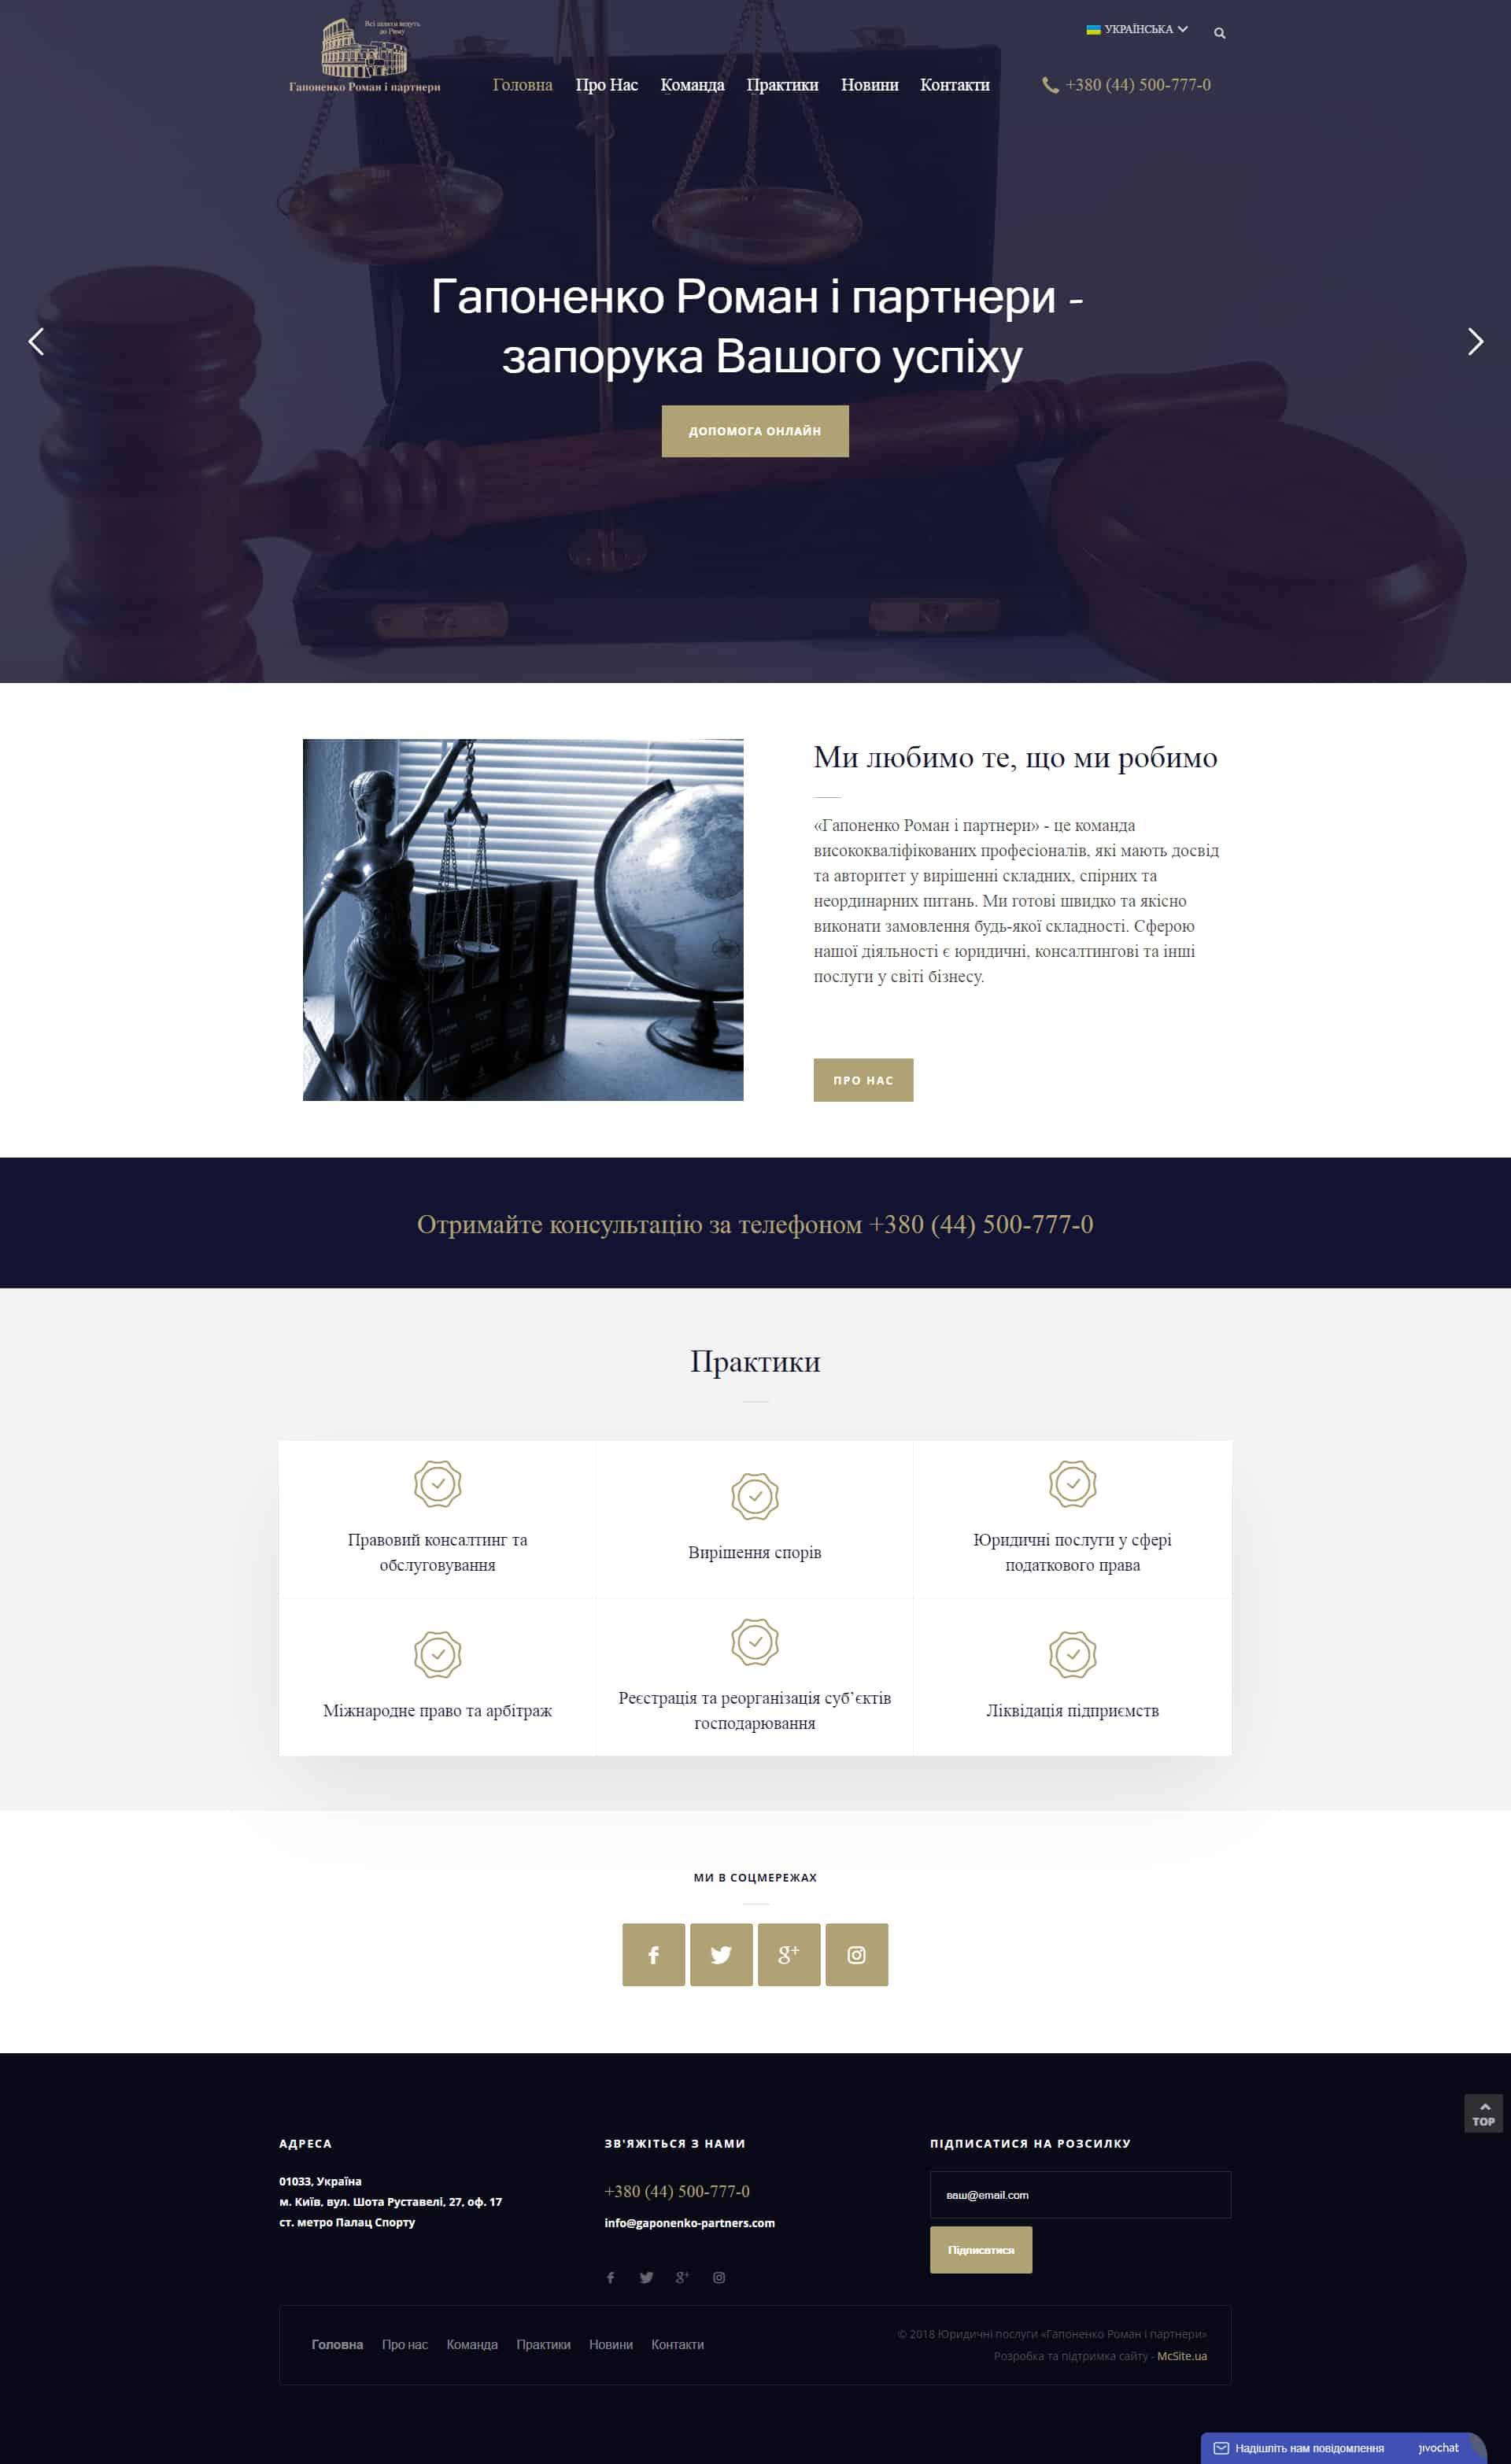 Сайт юридической компании Гапоненко и партнеры - Корпоративный сайт